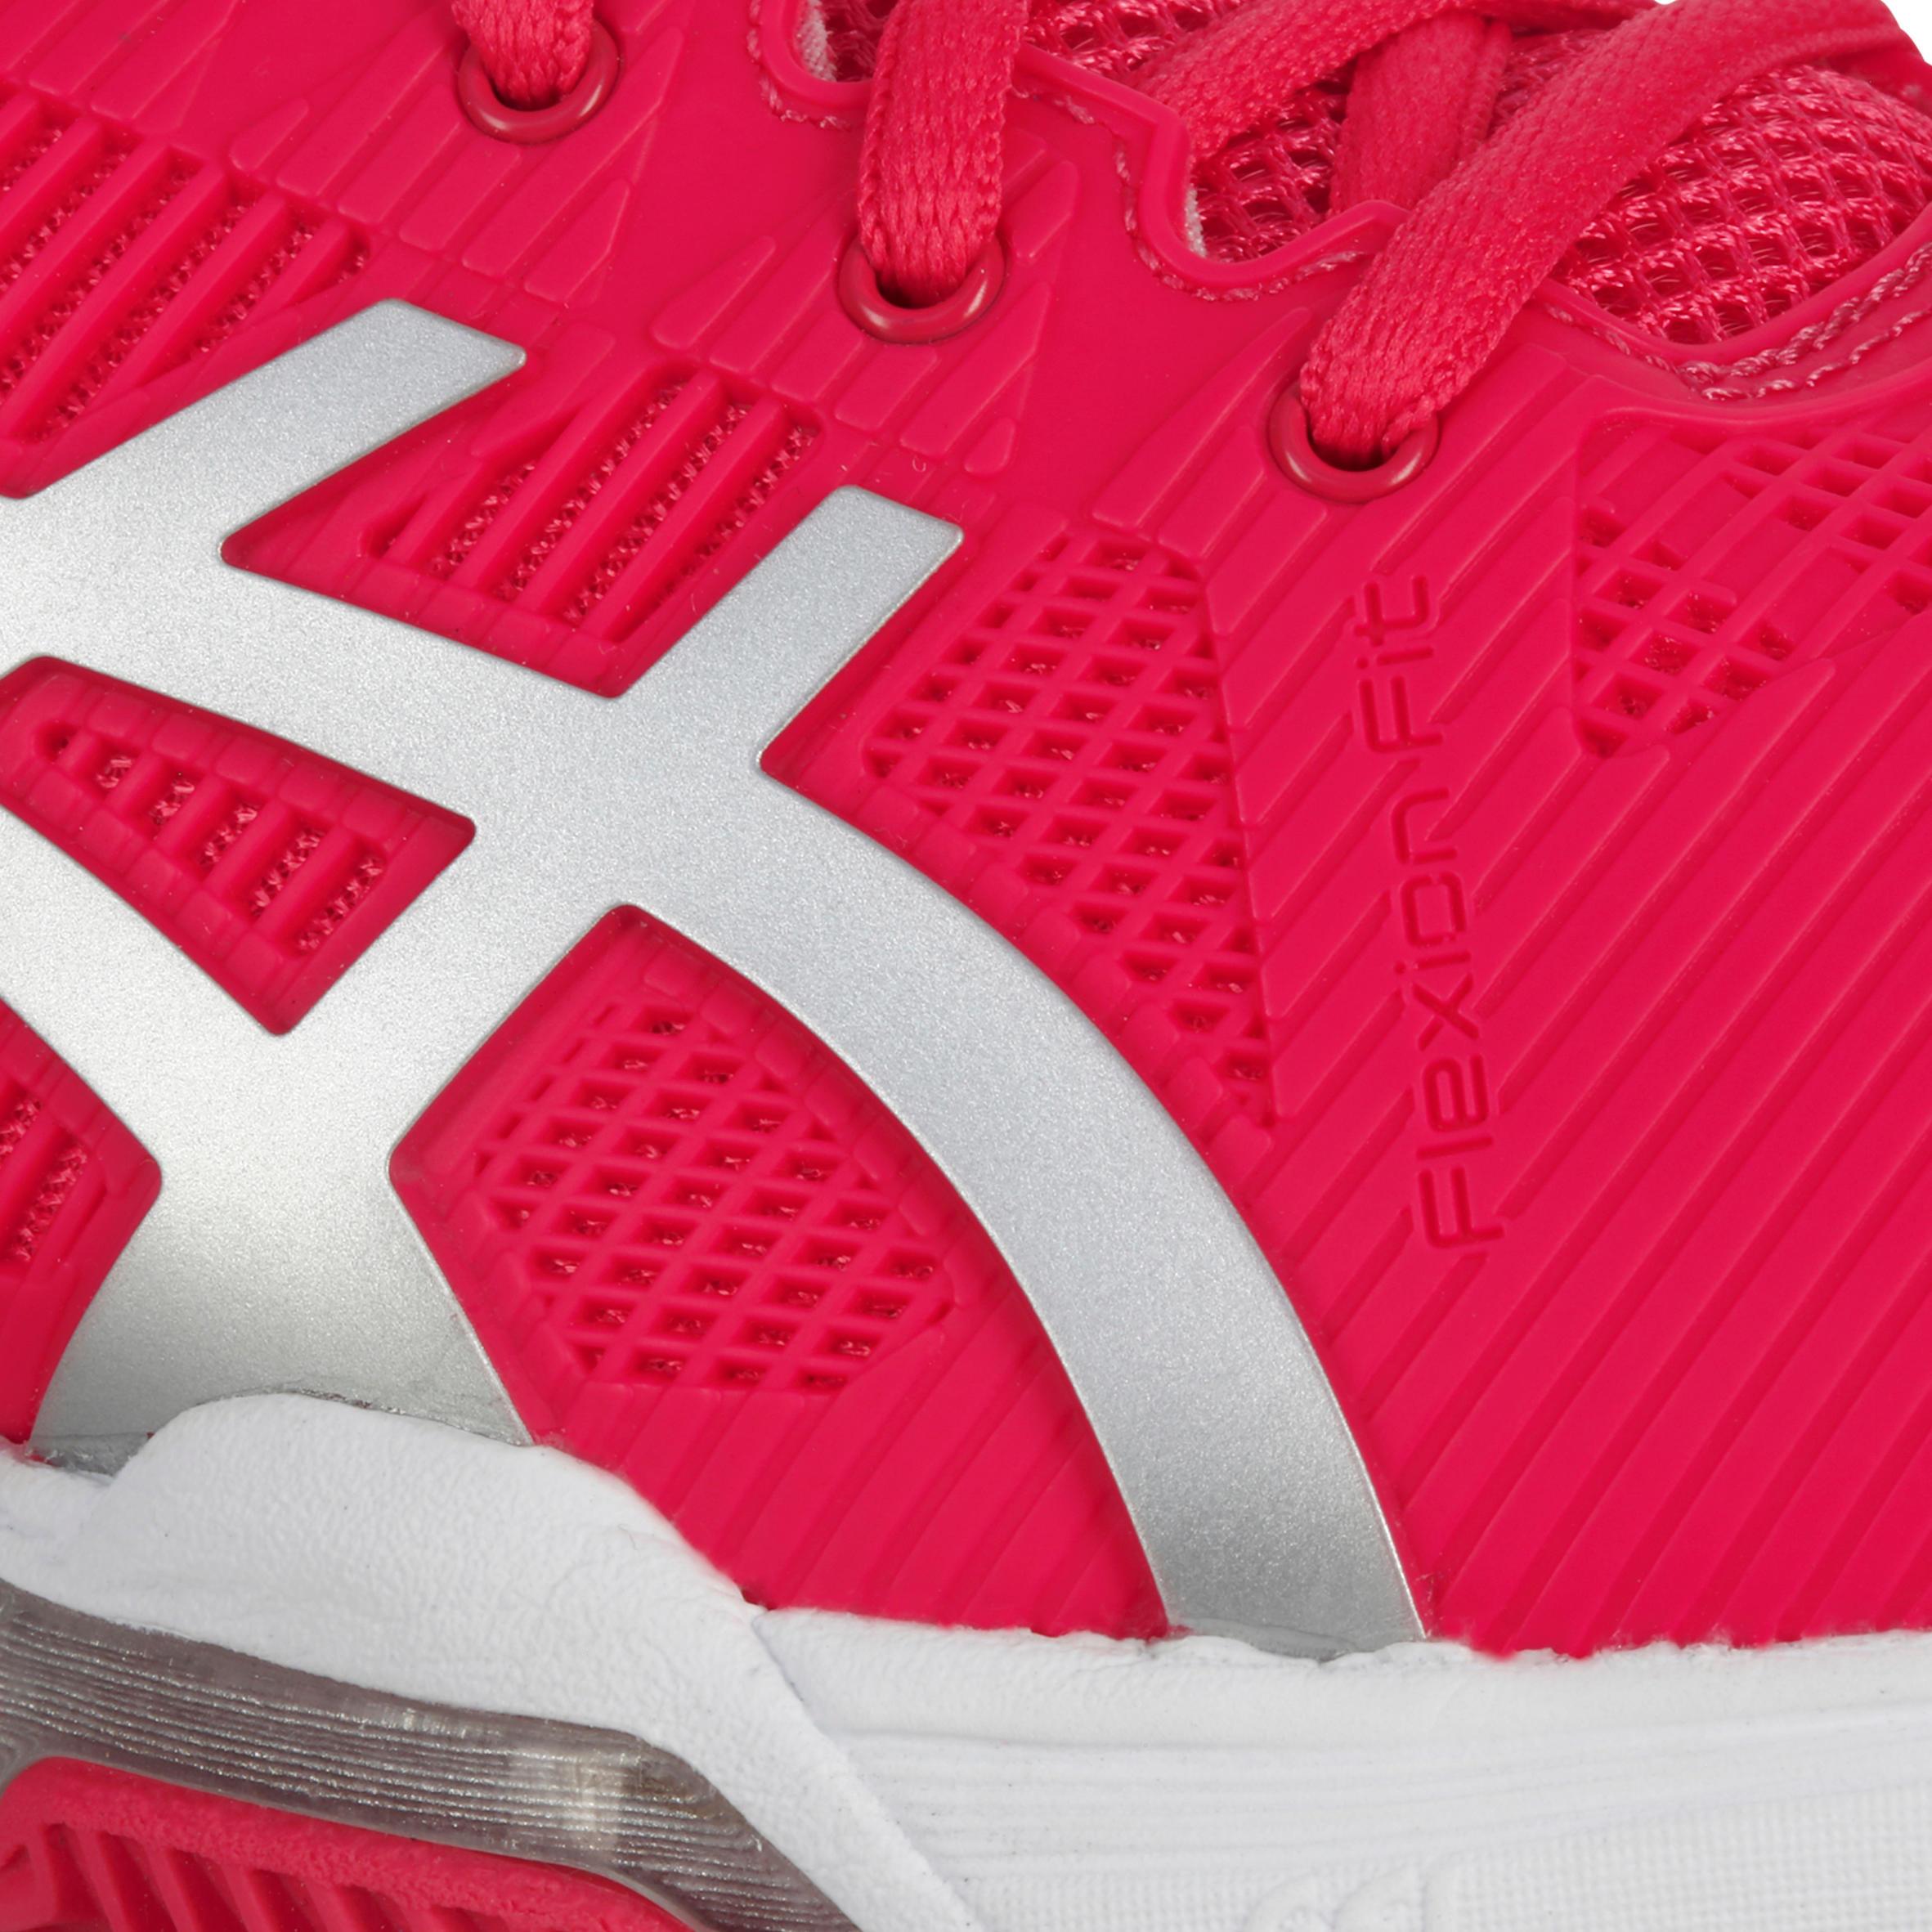 Asics Dames tennisschoenen Gel Solution Speed 5 voor gravel